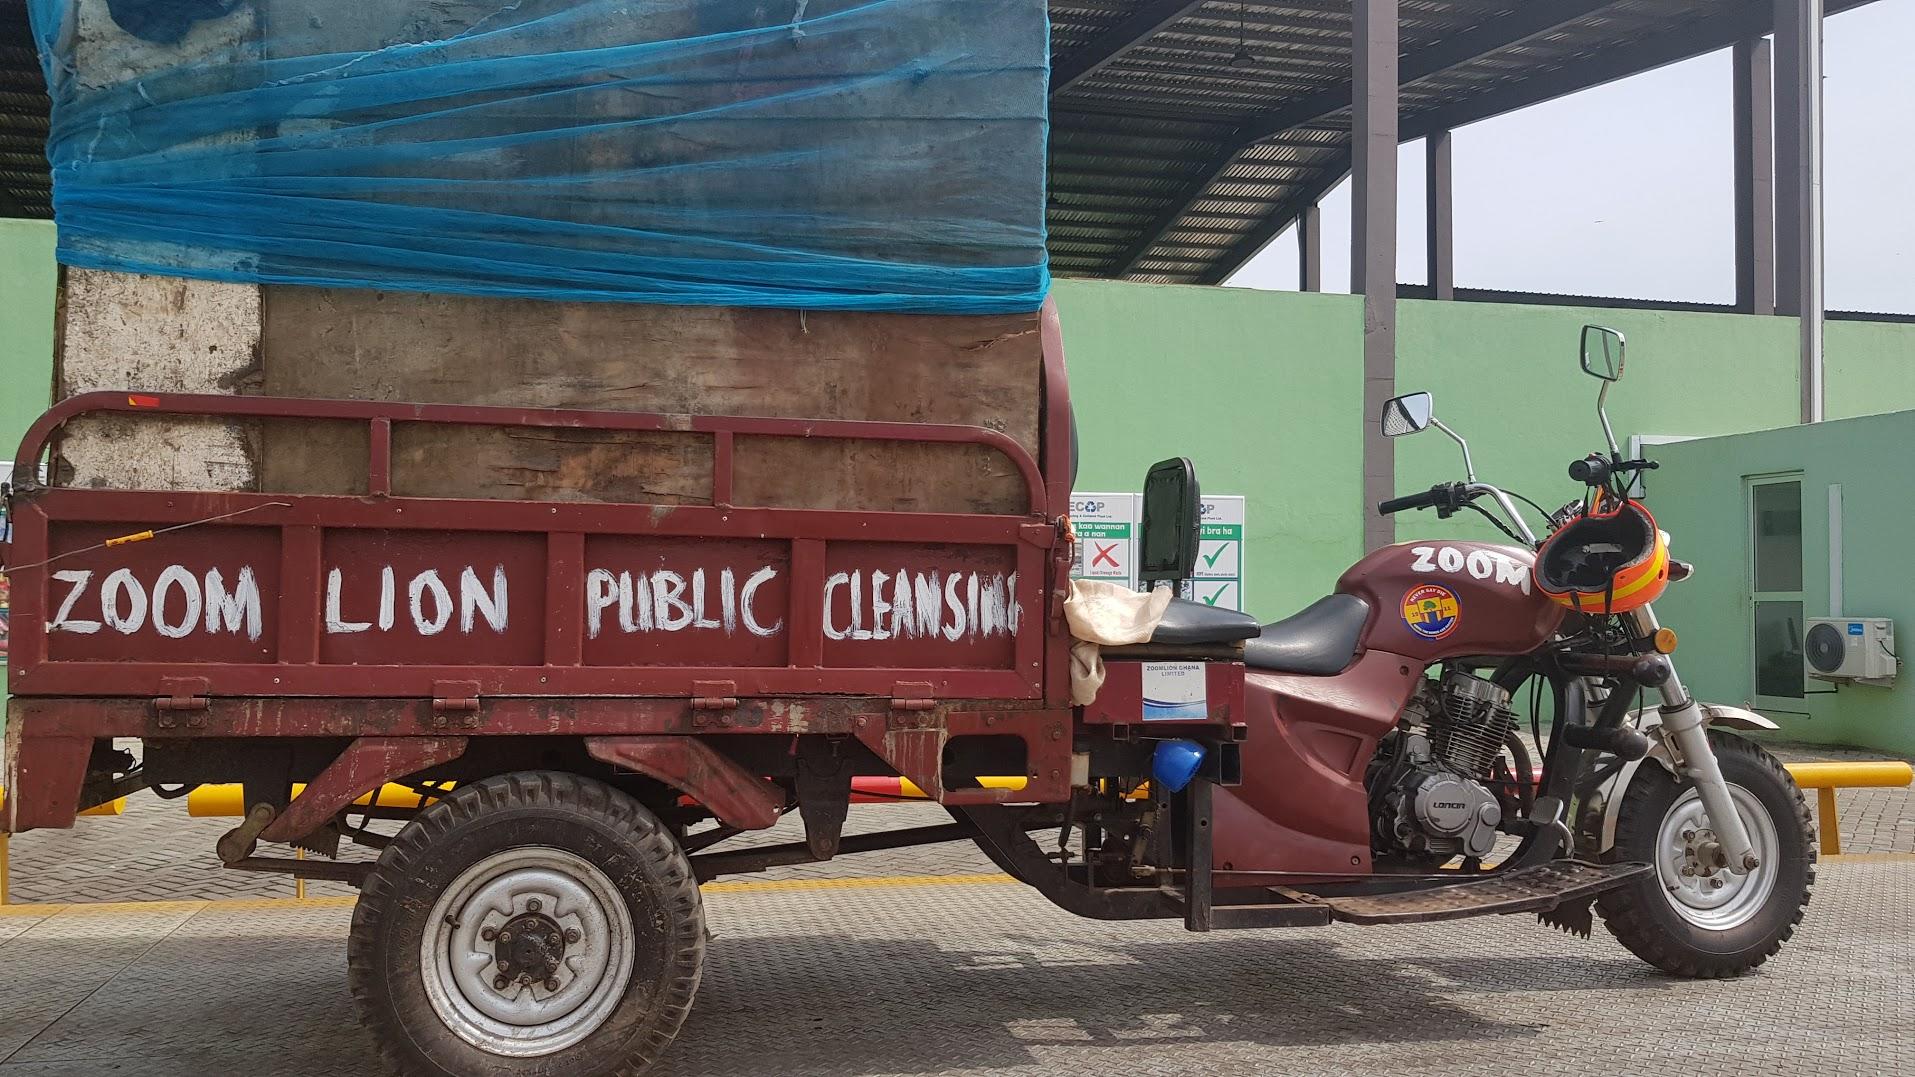 Ghanesisk renovasjonsbil, godt tilpasset forholdene, men ettersom den mangler komprimering blir det mange turer.